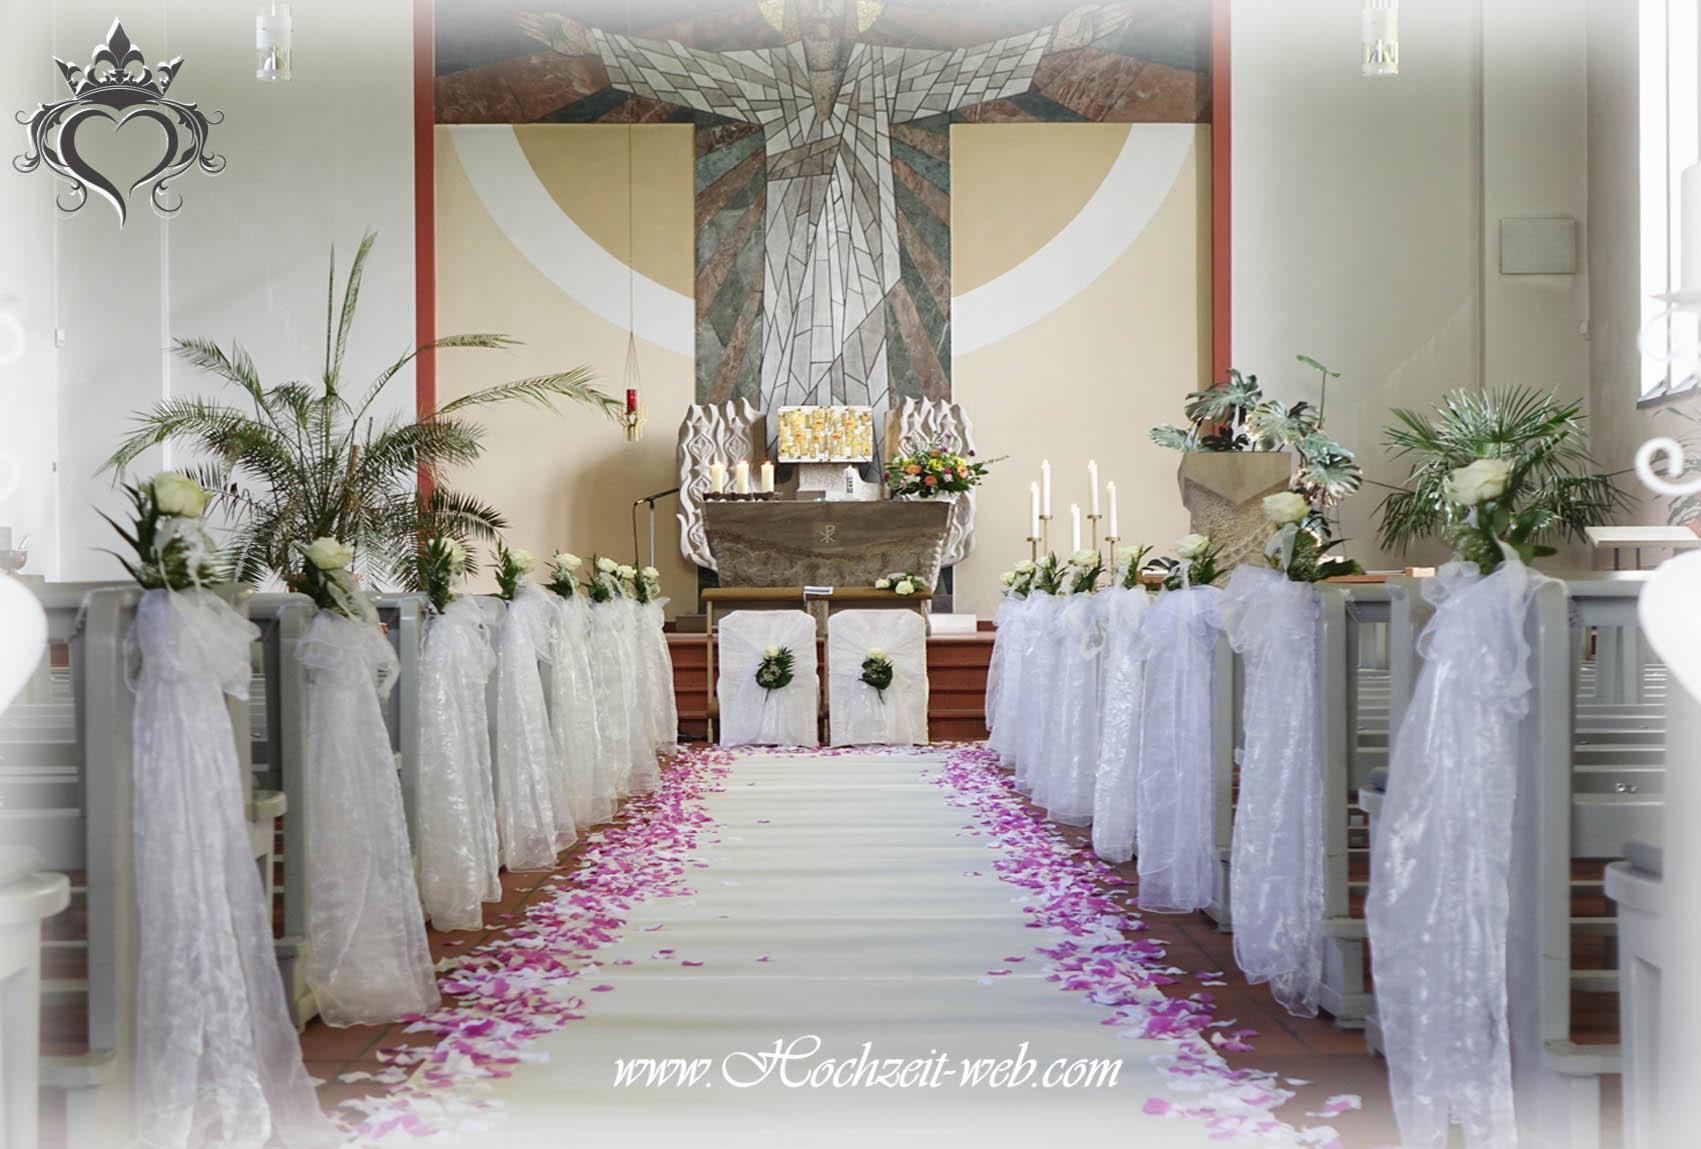 Kirchendekoration Und Dekoration Fur Trauung Im Freien